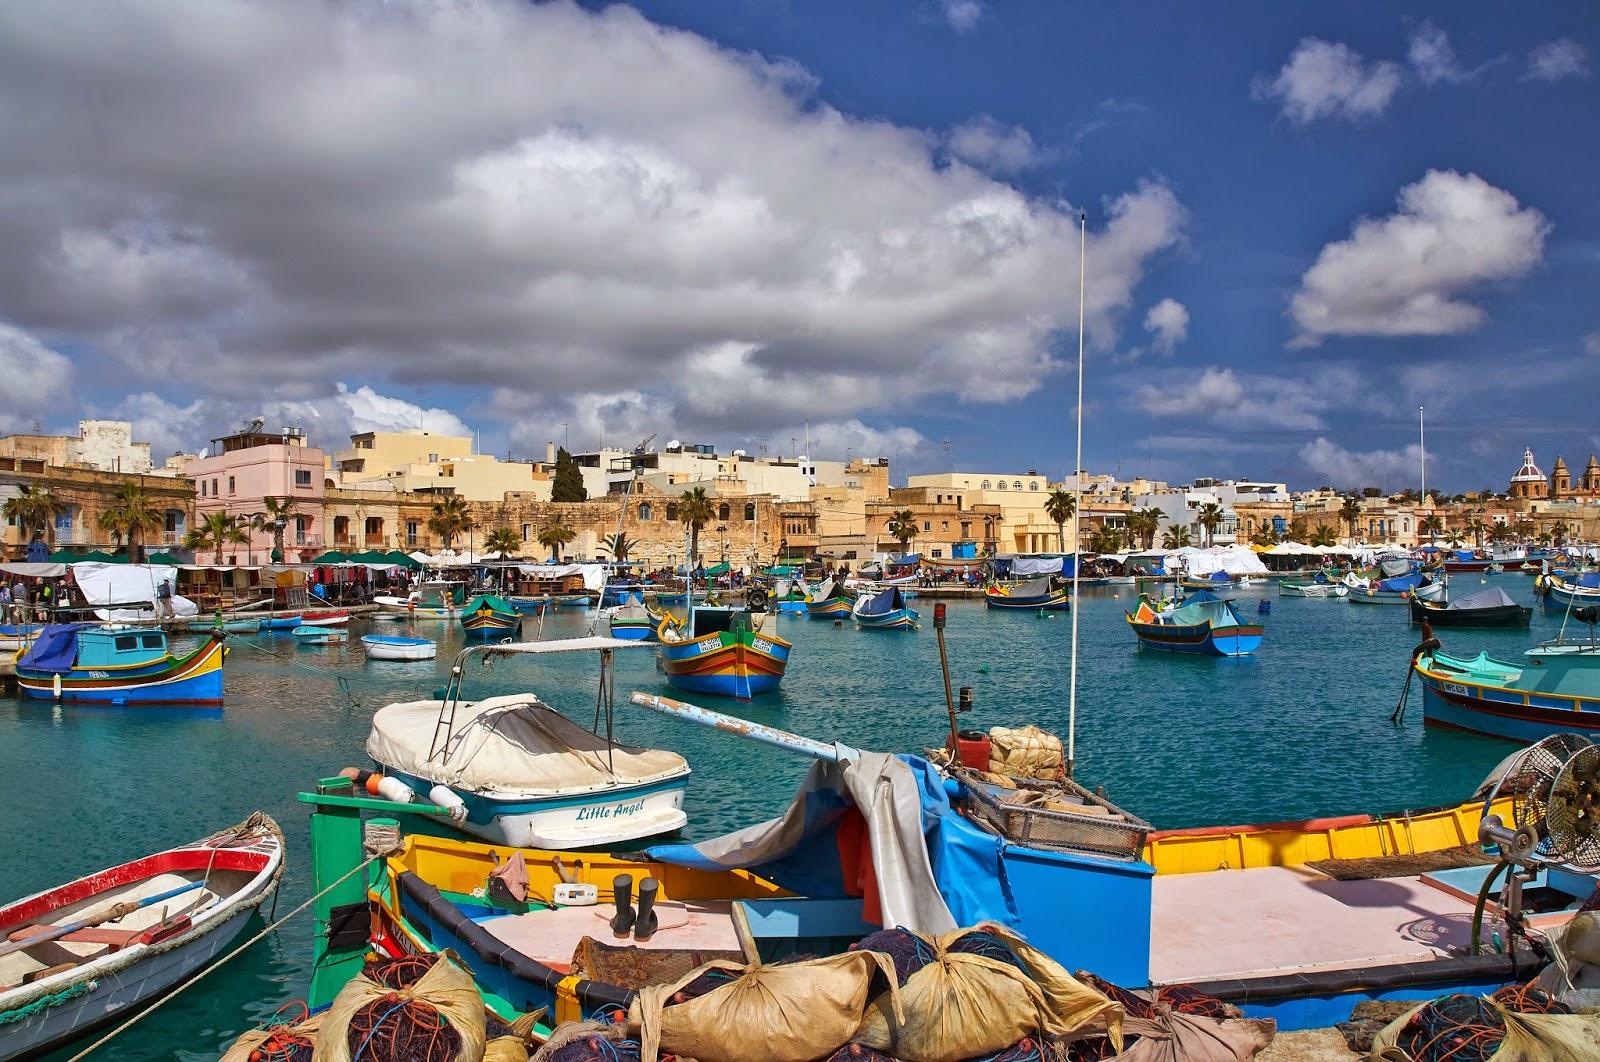 pogoda w kwietniu na Malcie